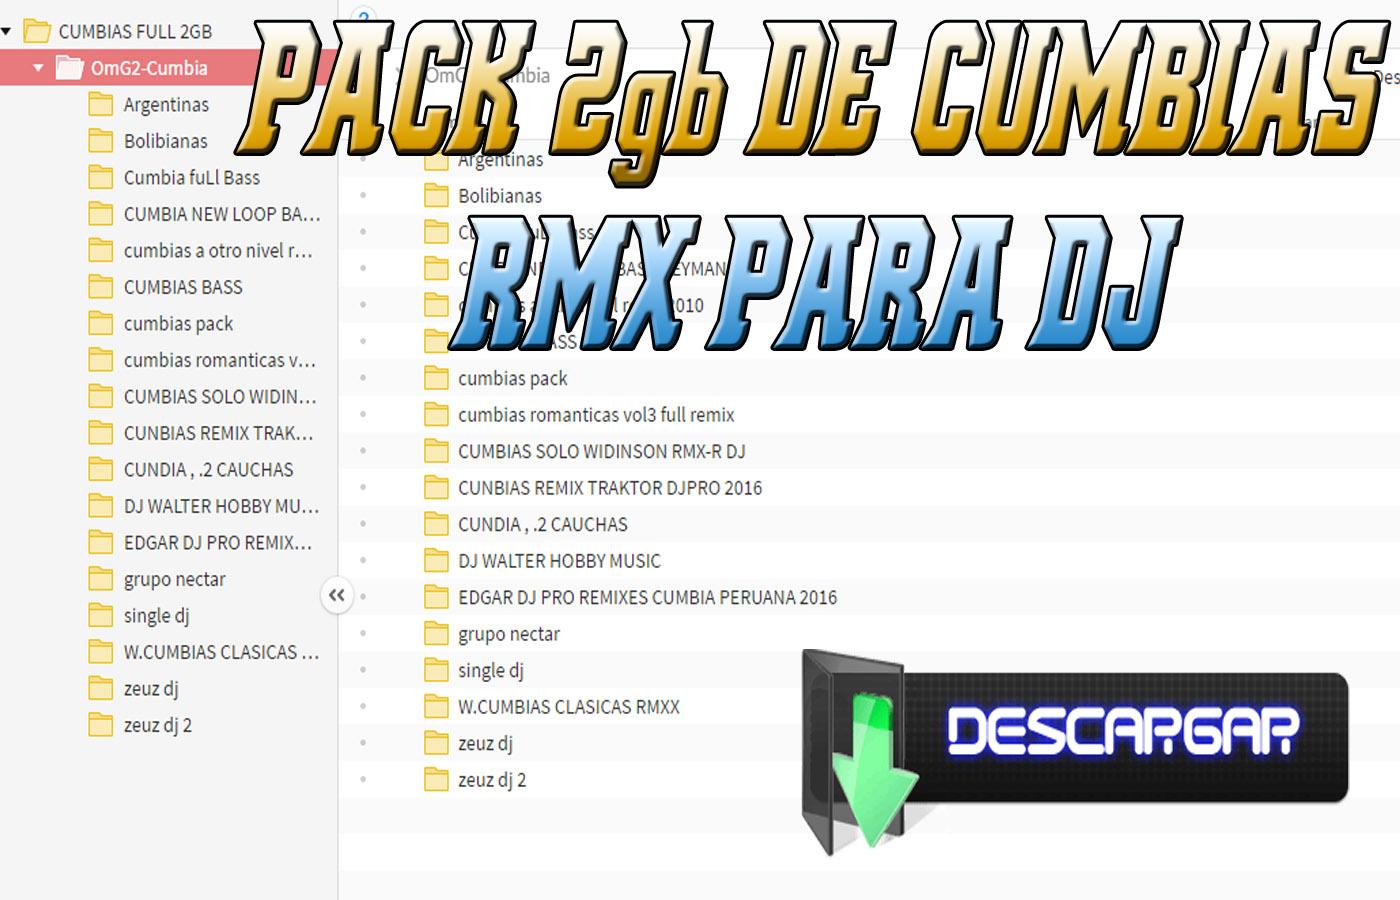 Pack de cumbias rmx para dj 2gb.